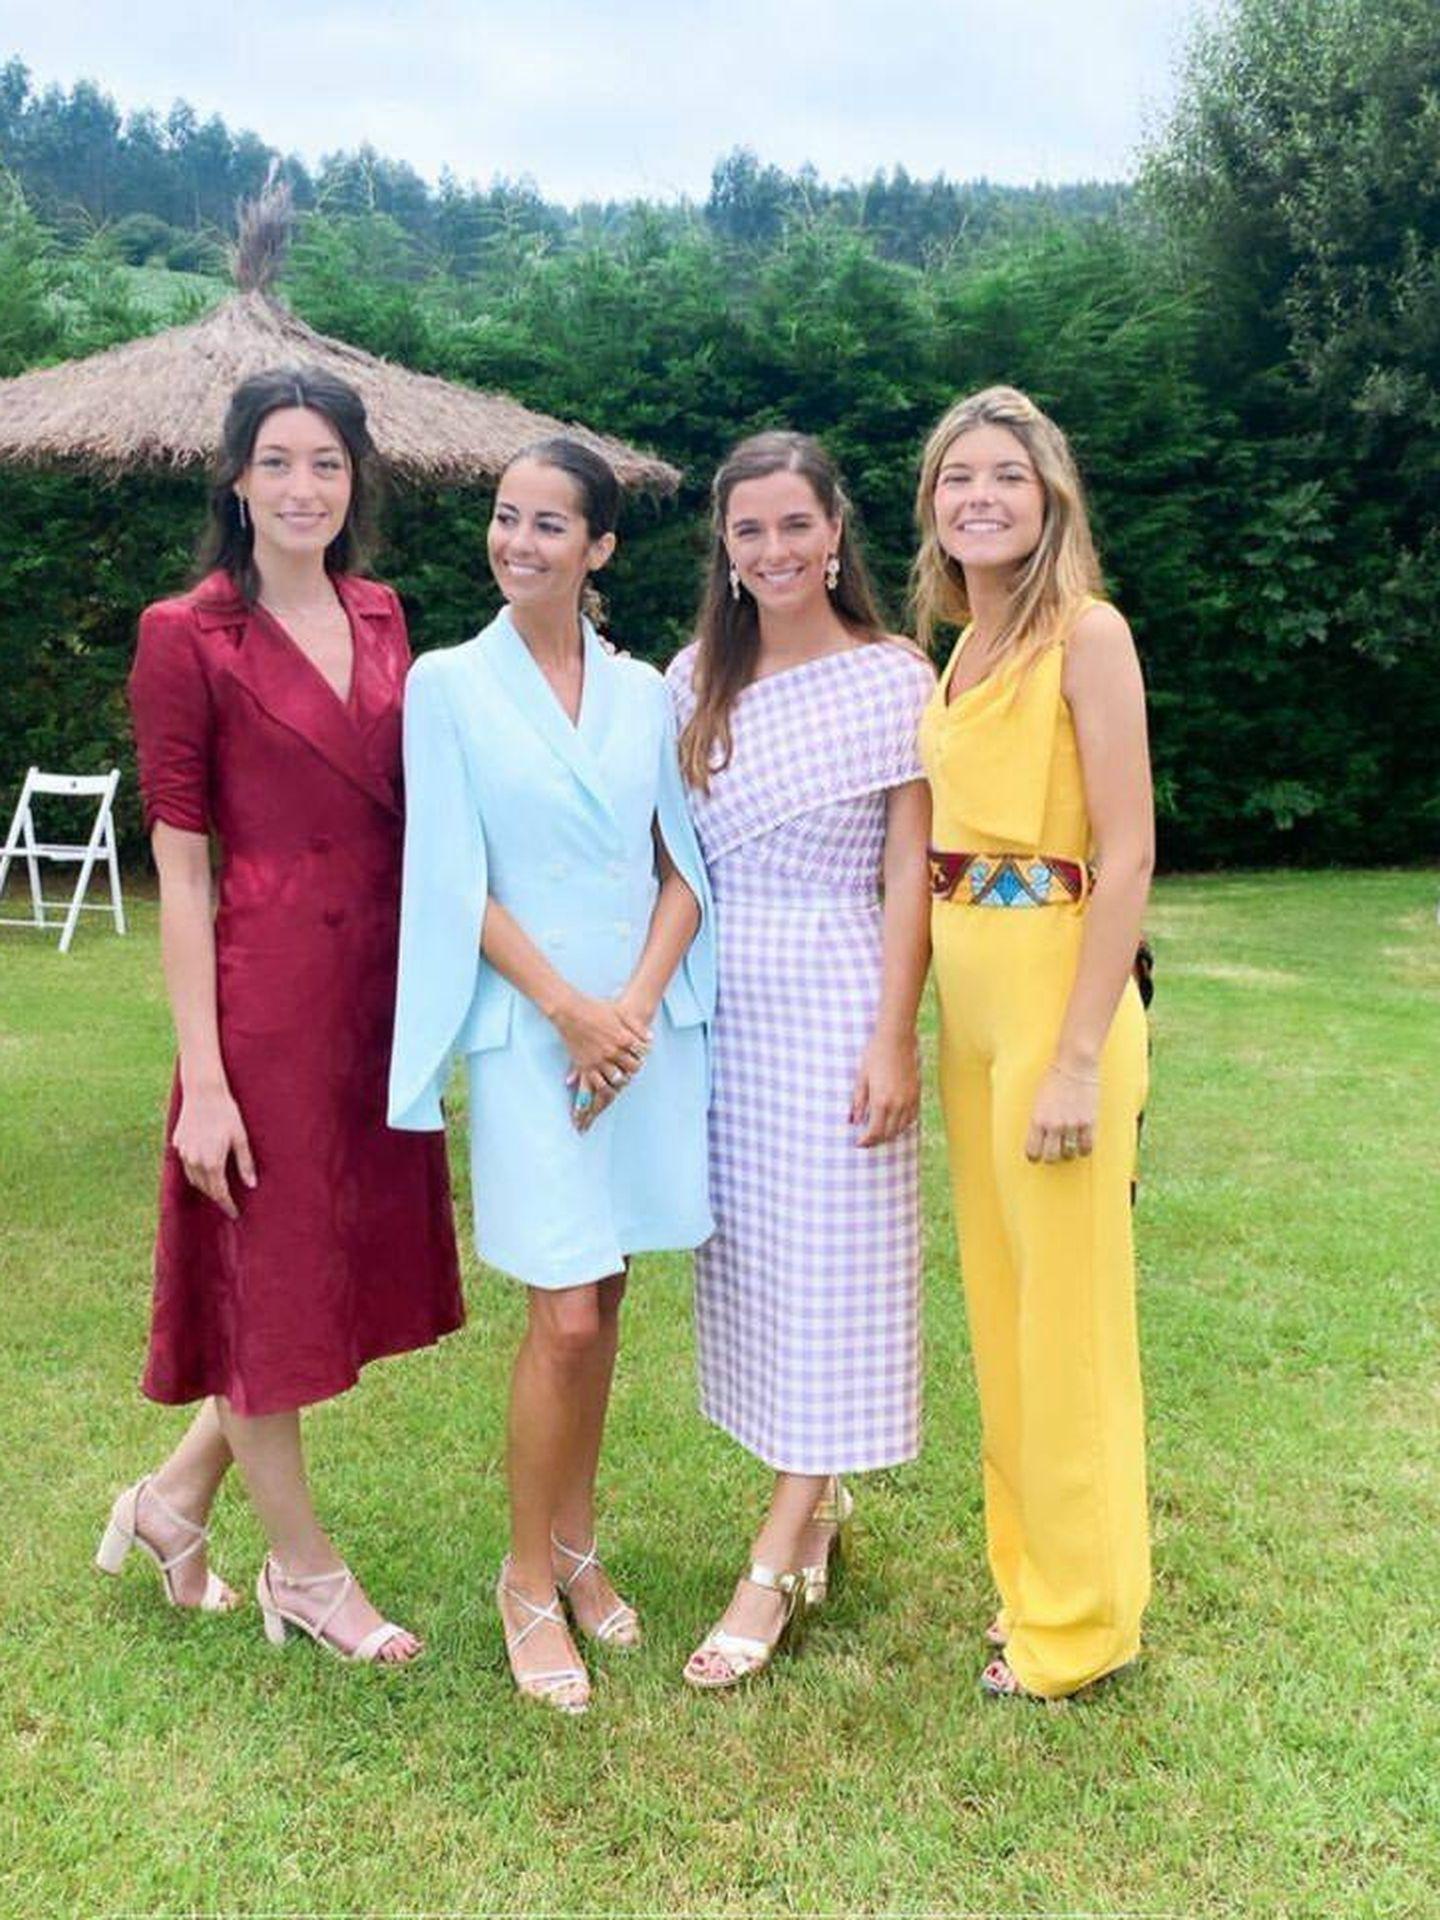 Sofía Ellar acompañada de unas amigas durante la boda. (Redes sociales)